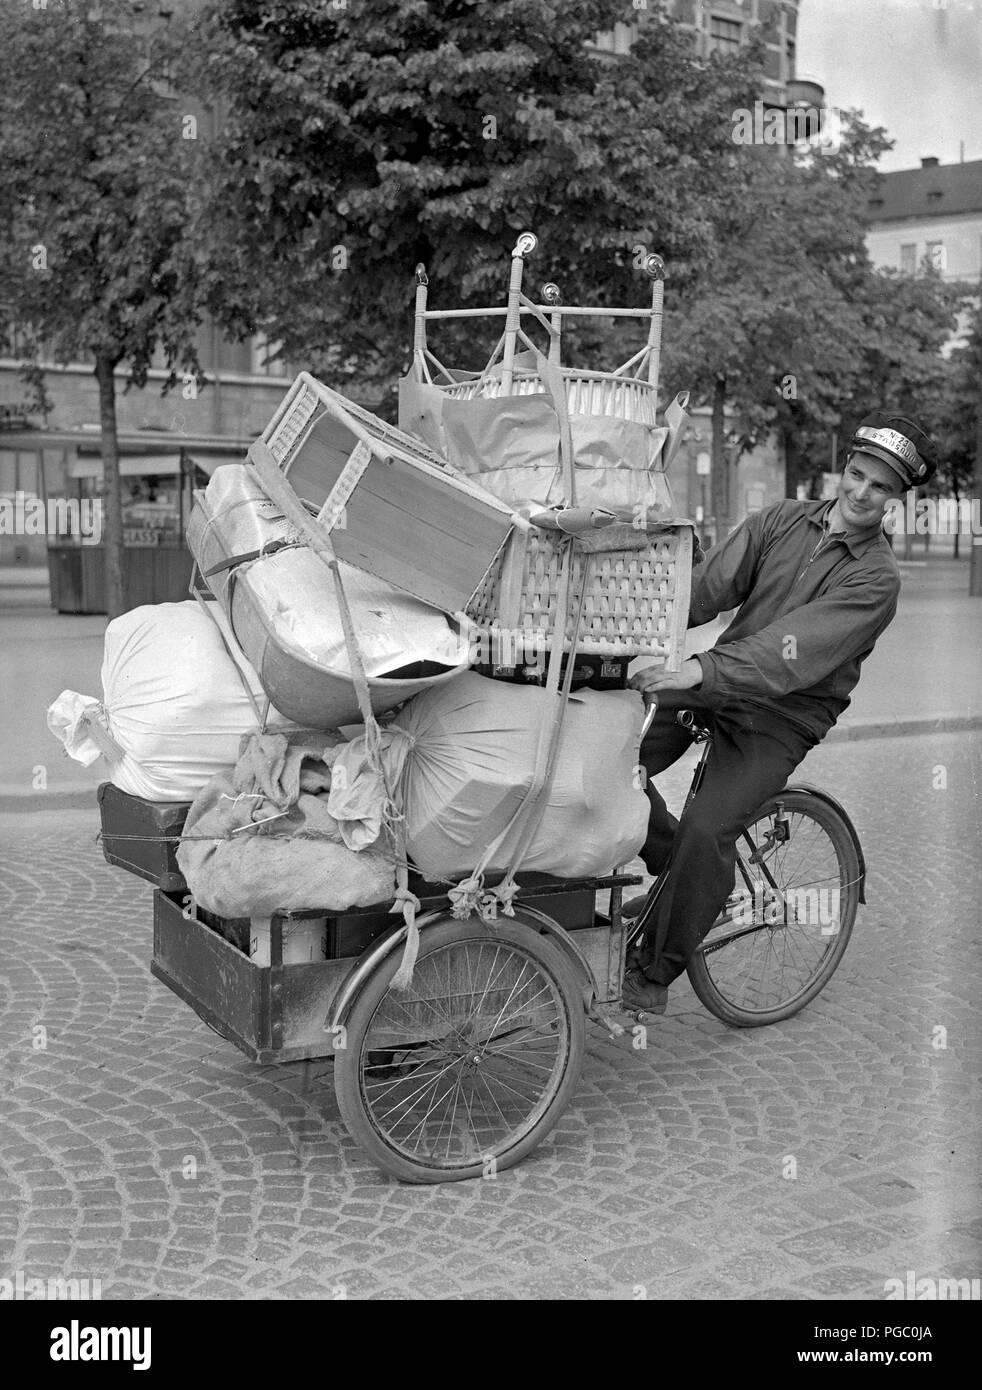 1940 s Transport. Ein junger Mann arbeitet als Fahrrad messanger und Transportieren von Gütern in die Stadt Stockholm mit seinem Transport fahrrad. Juni 1940. Foto Kristoffersson 146-7 Stockbild